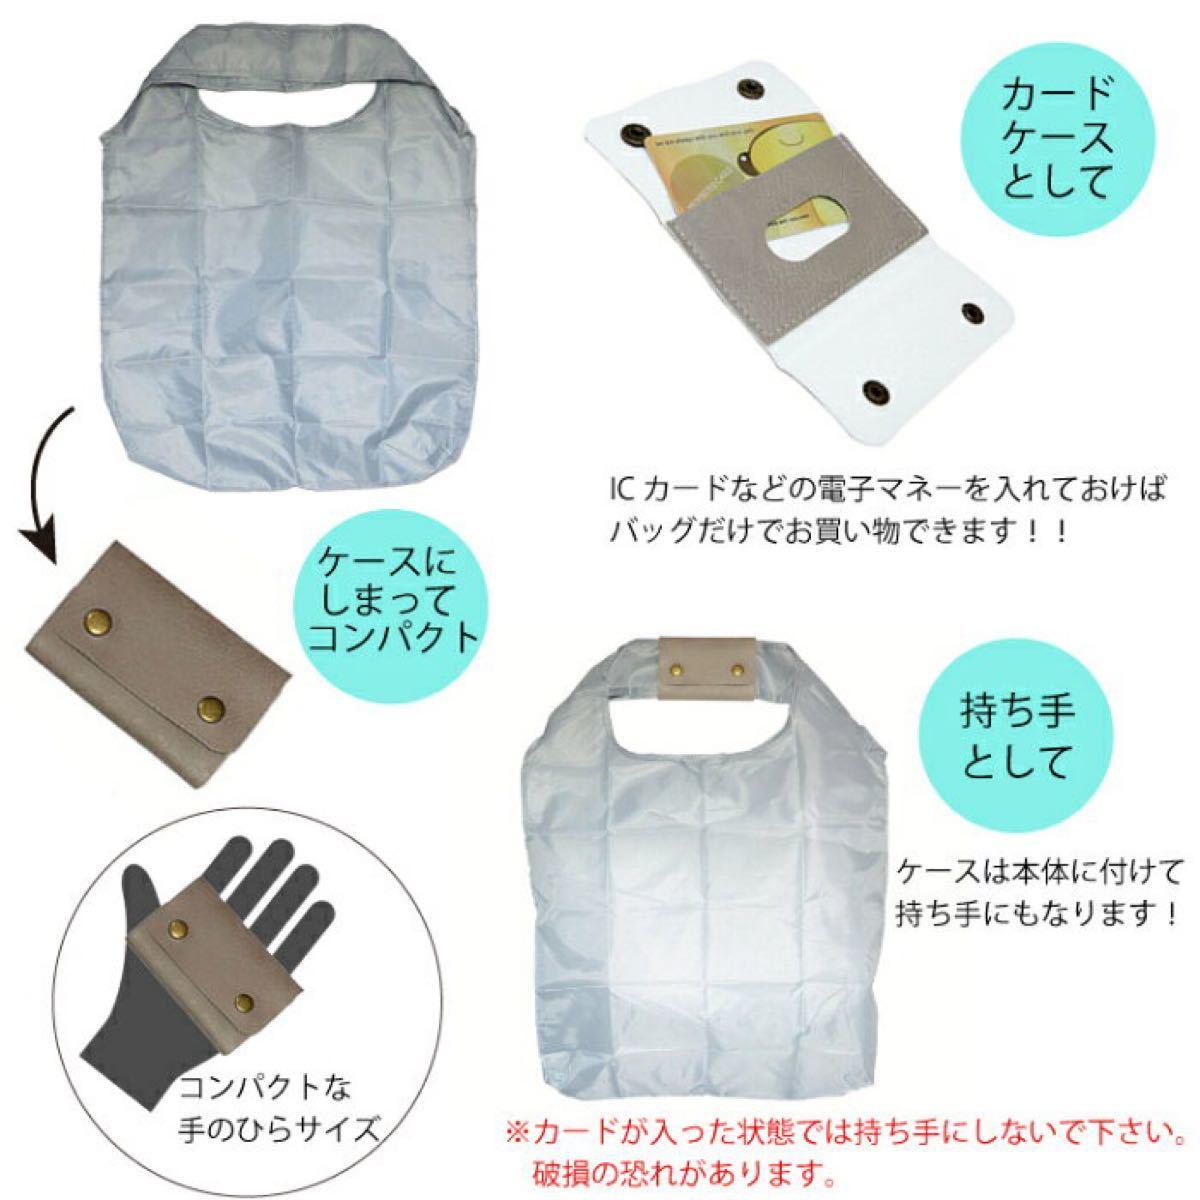 1個 エコバッグ マイバッグ 折りたたみ ショッピングバッグ 3種類 生活雑貨